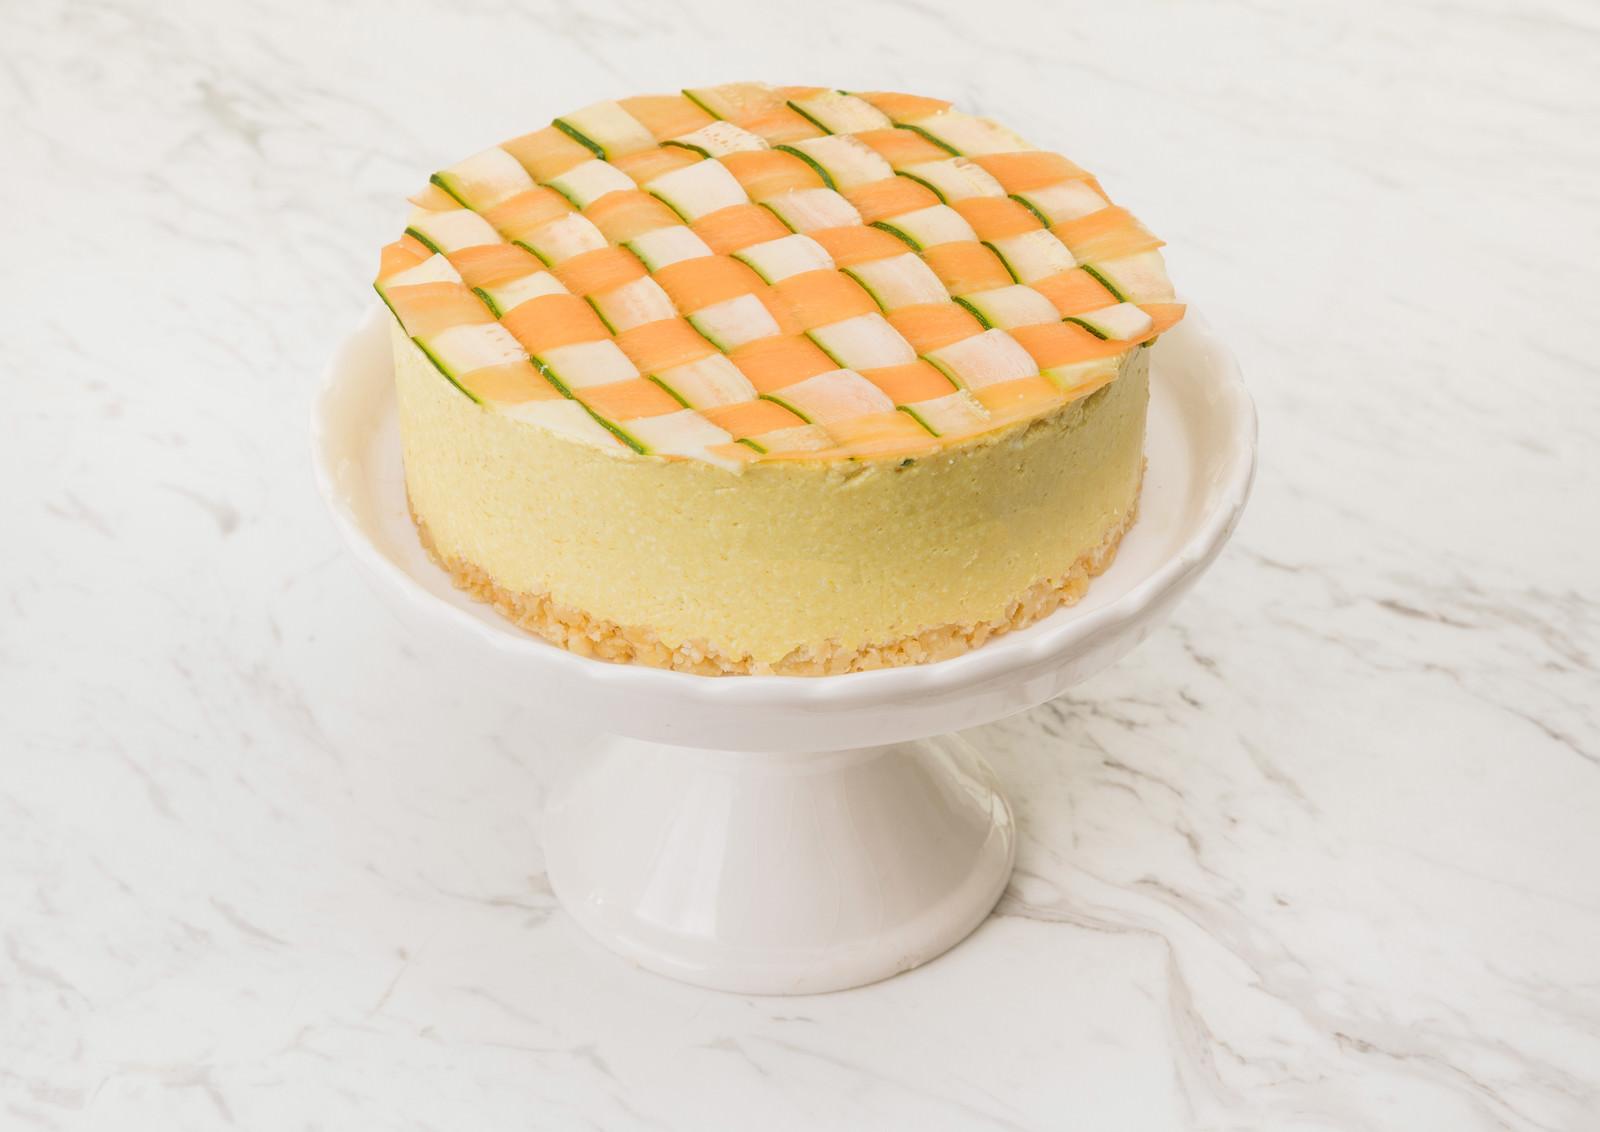 「ズッキーニと人参の甘みがあるヘルシーな「ベジデコケーキ」」の写真